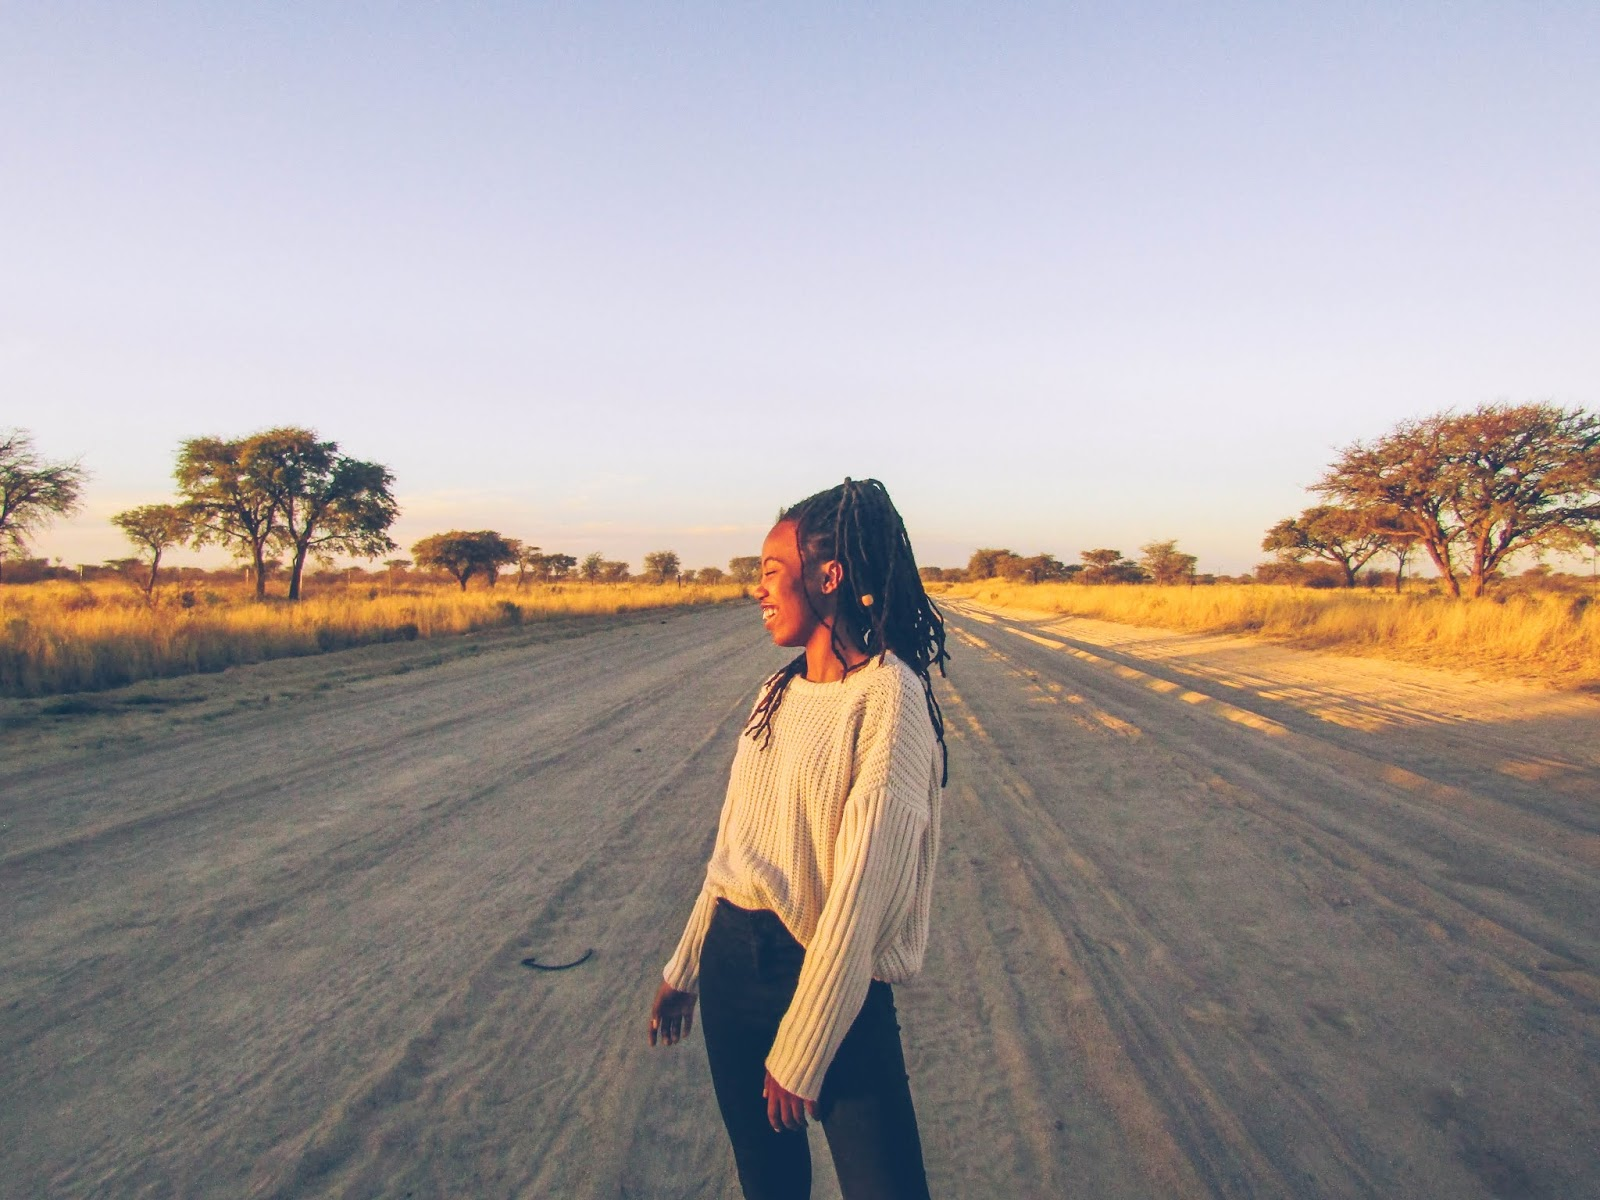 Tshegofatso Maseko